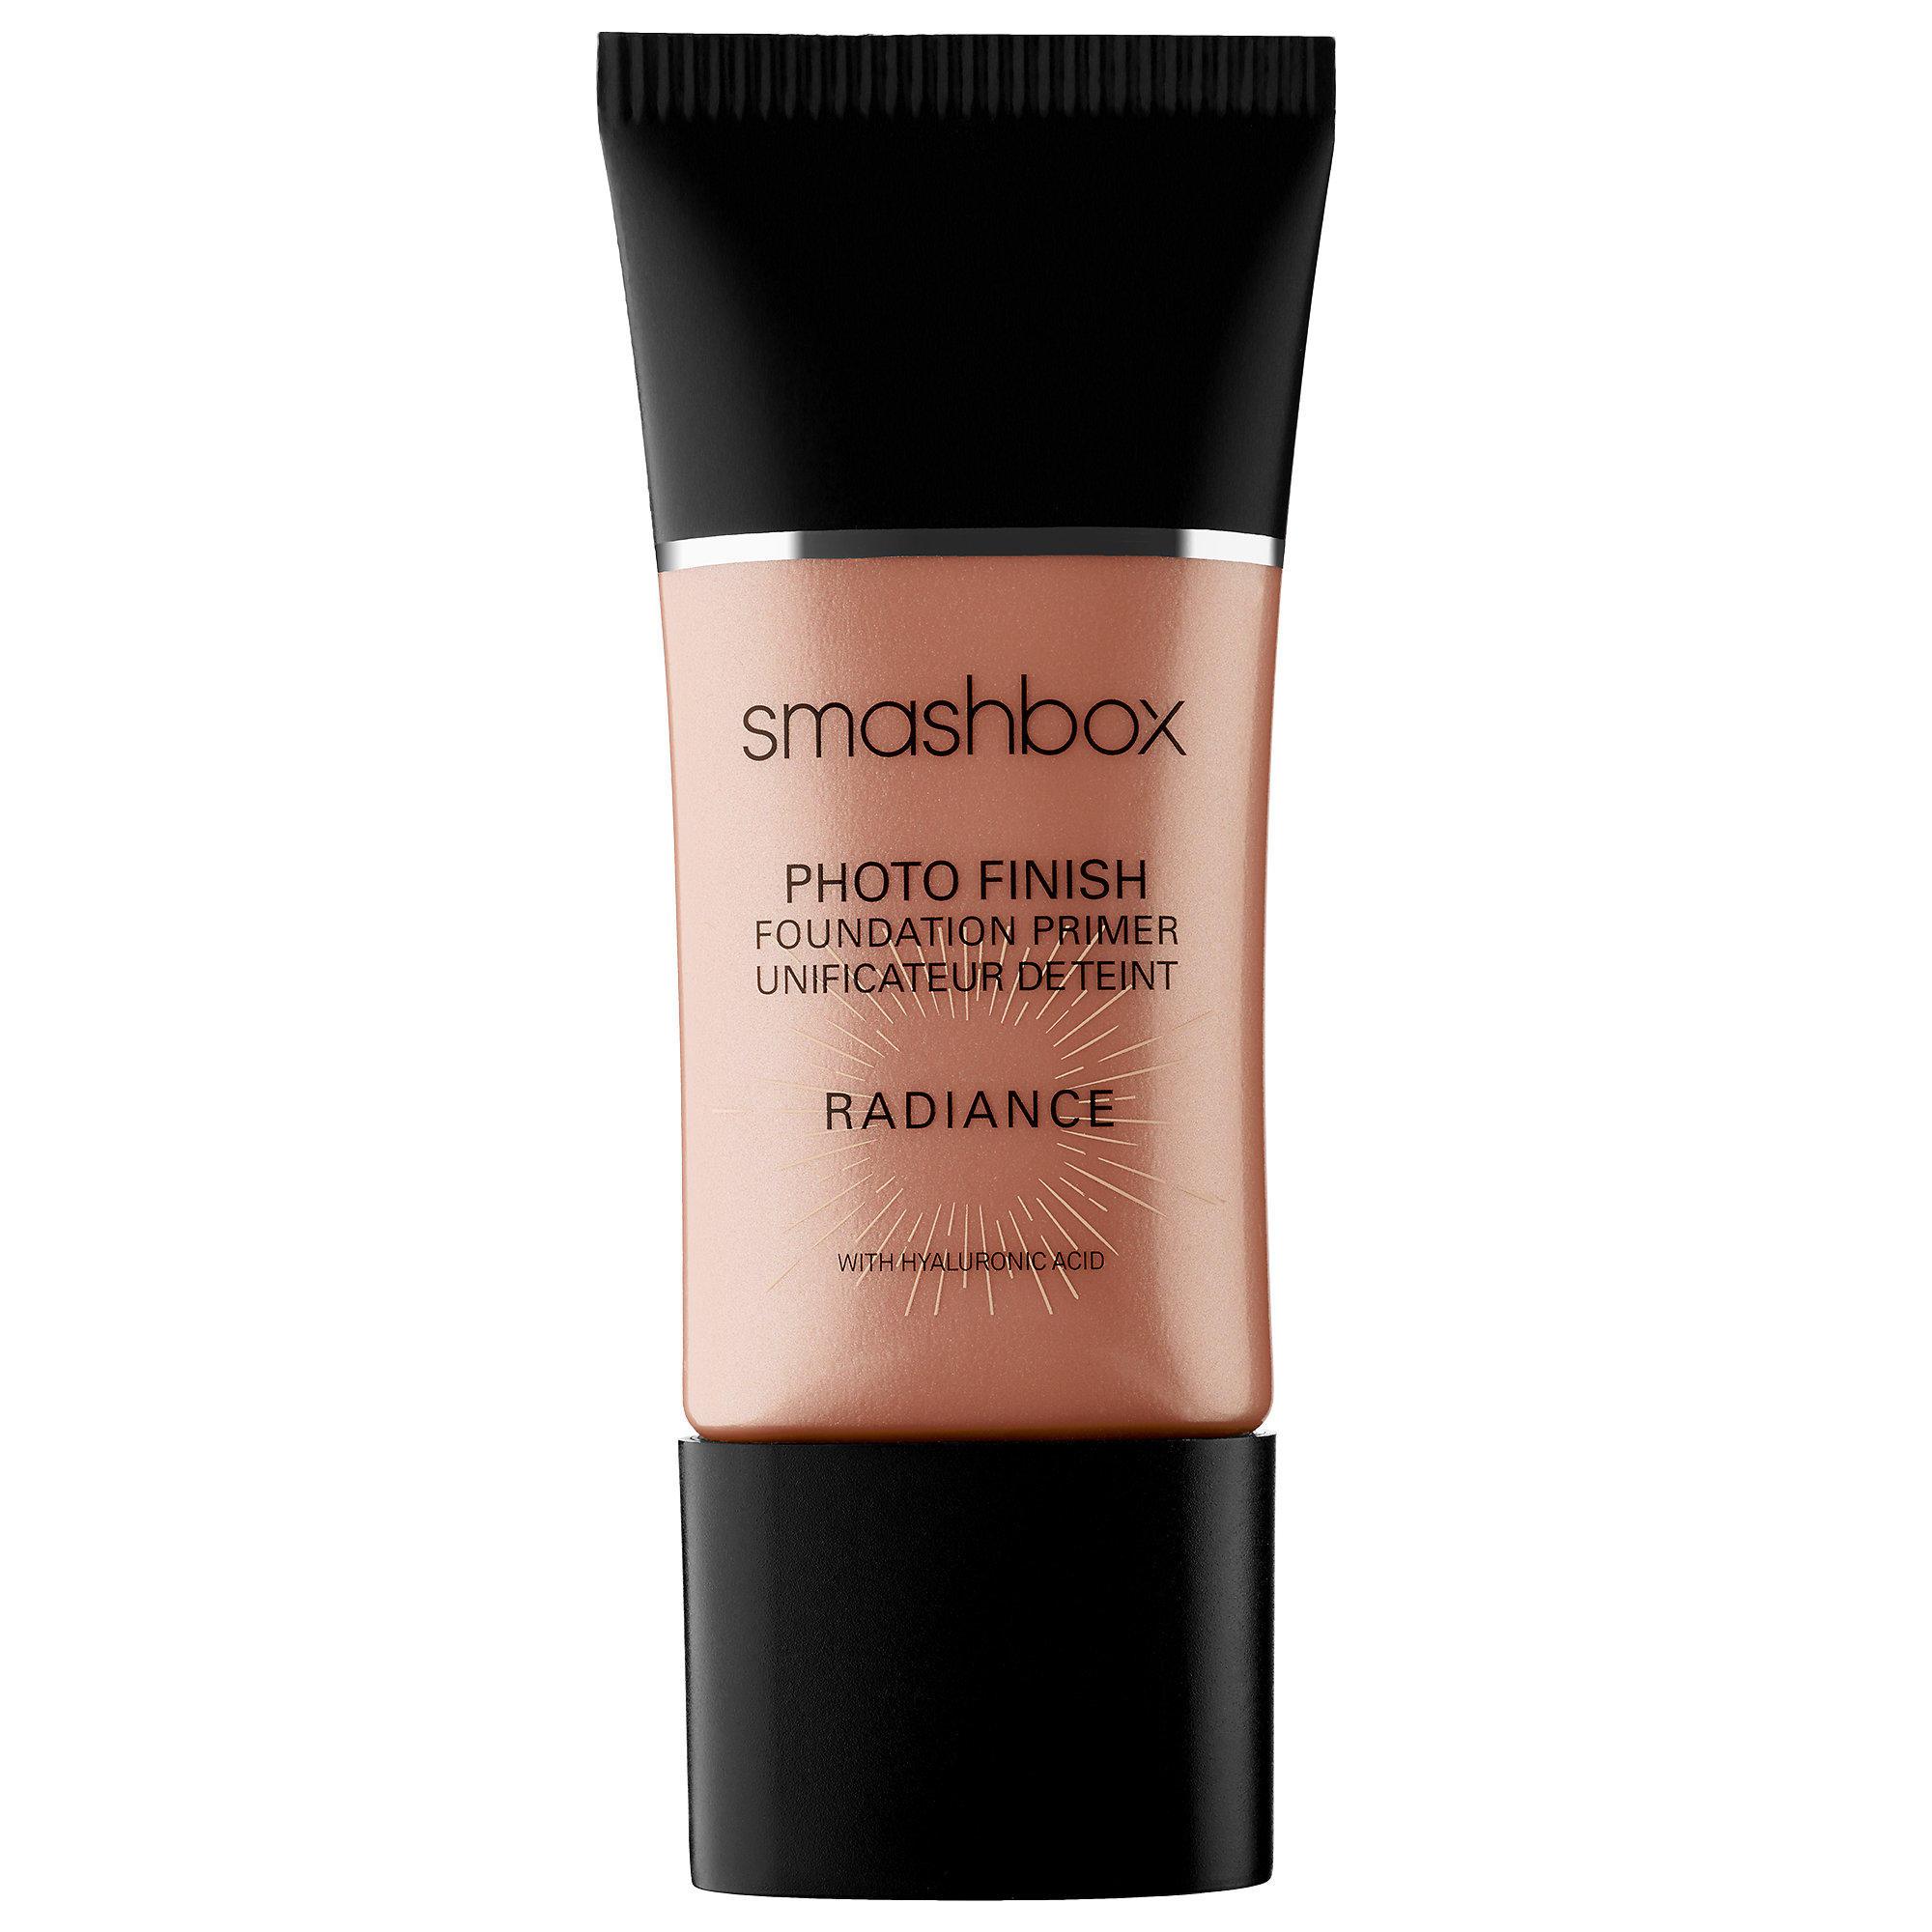 Smashbox Photo Finish Foundation Primer Radiance 30ml